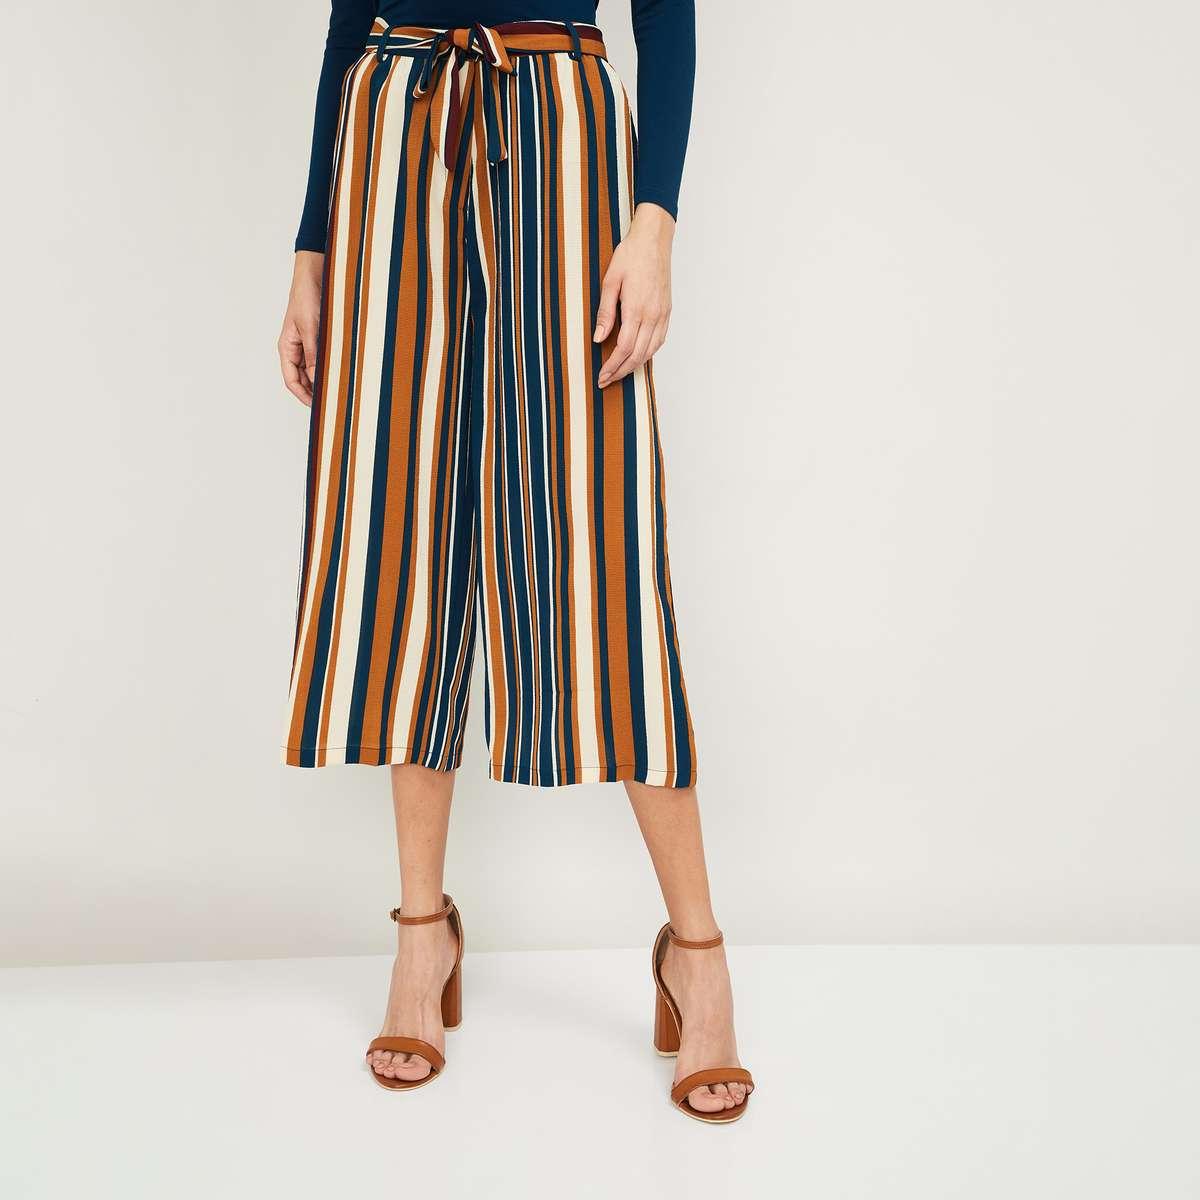 2.BOSSINI Women Striped Culottes